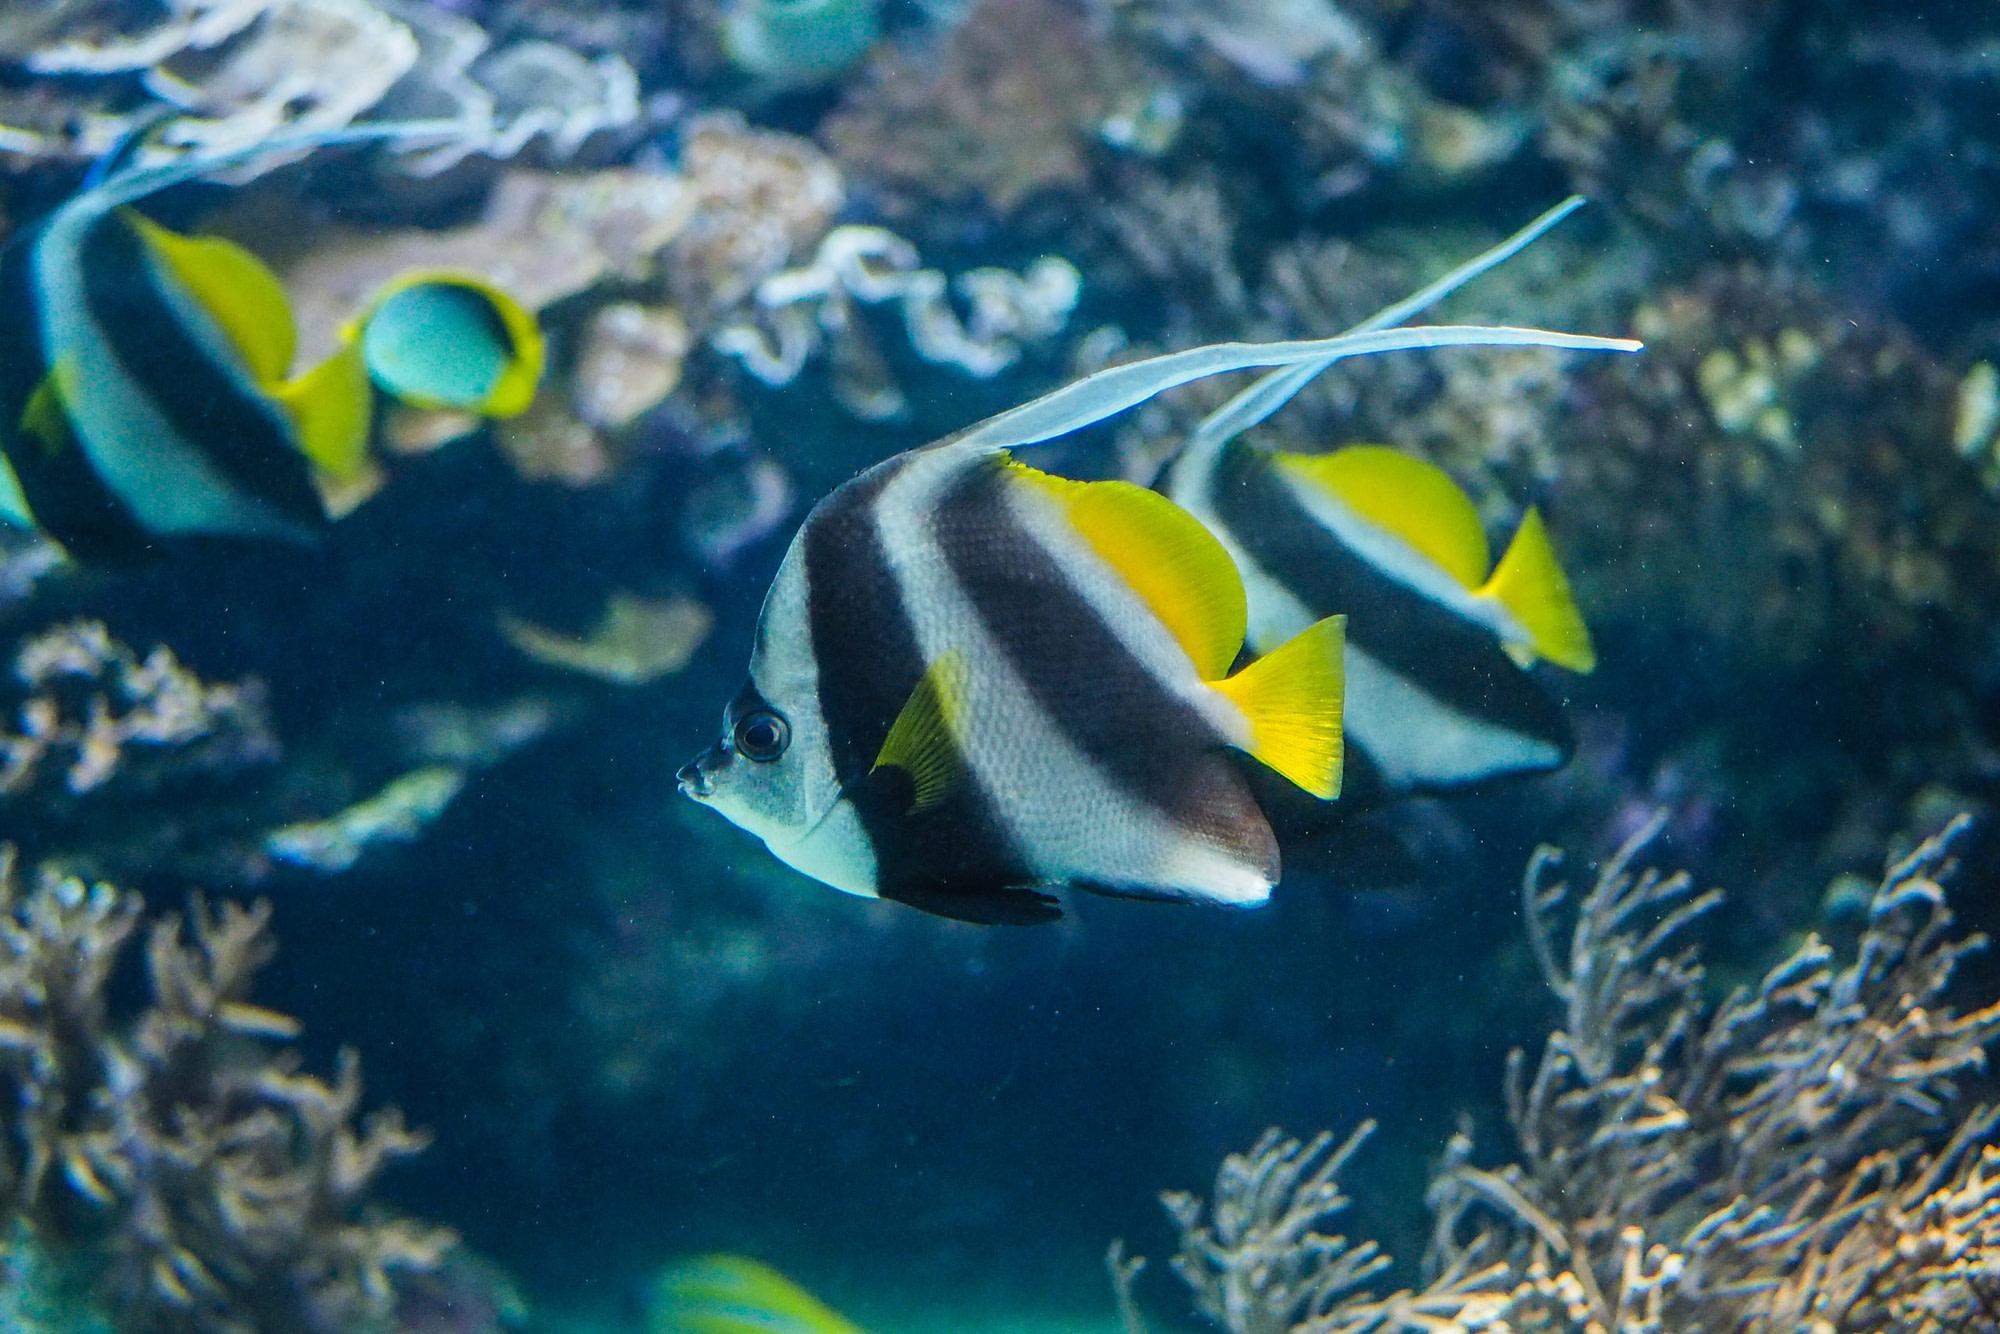 Black, white, and yellow Angelfish in the aquarium.